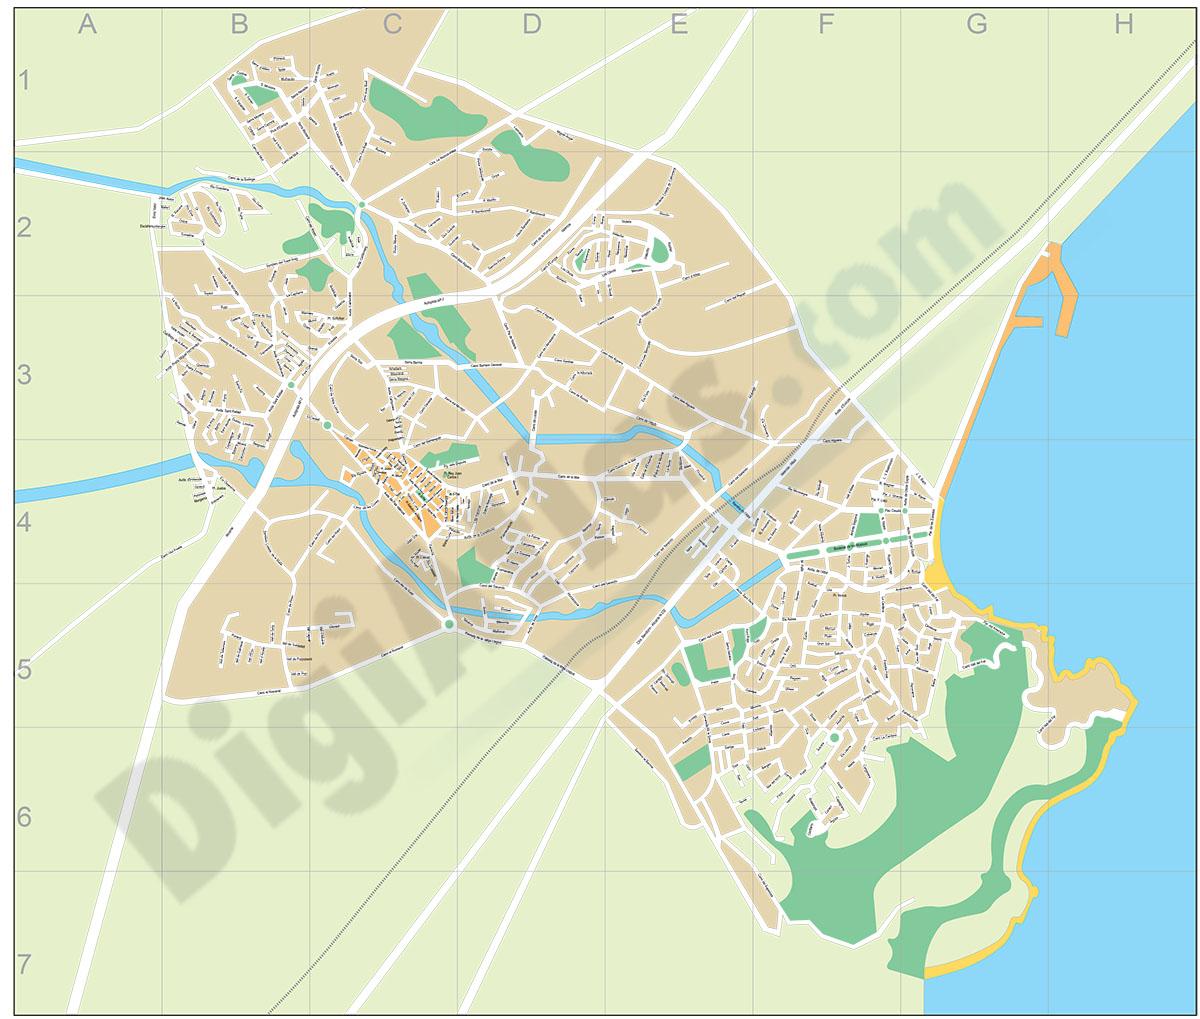 Alfàs del Pi (province of Alicante) - city map